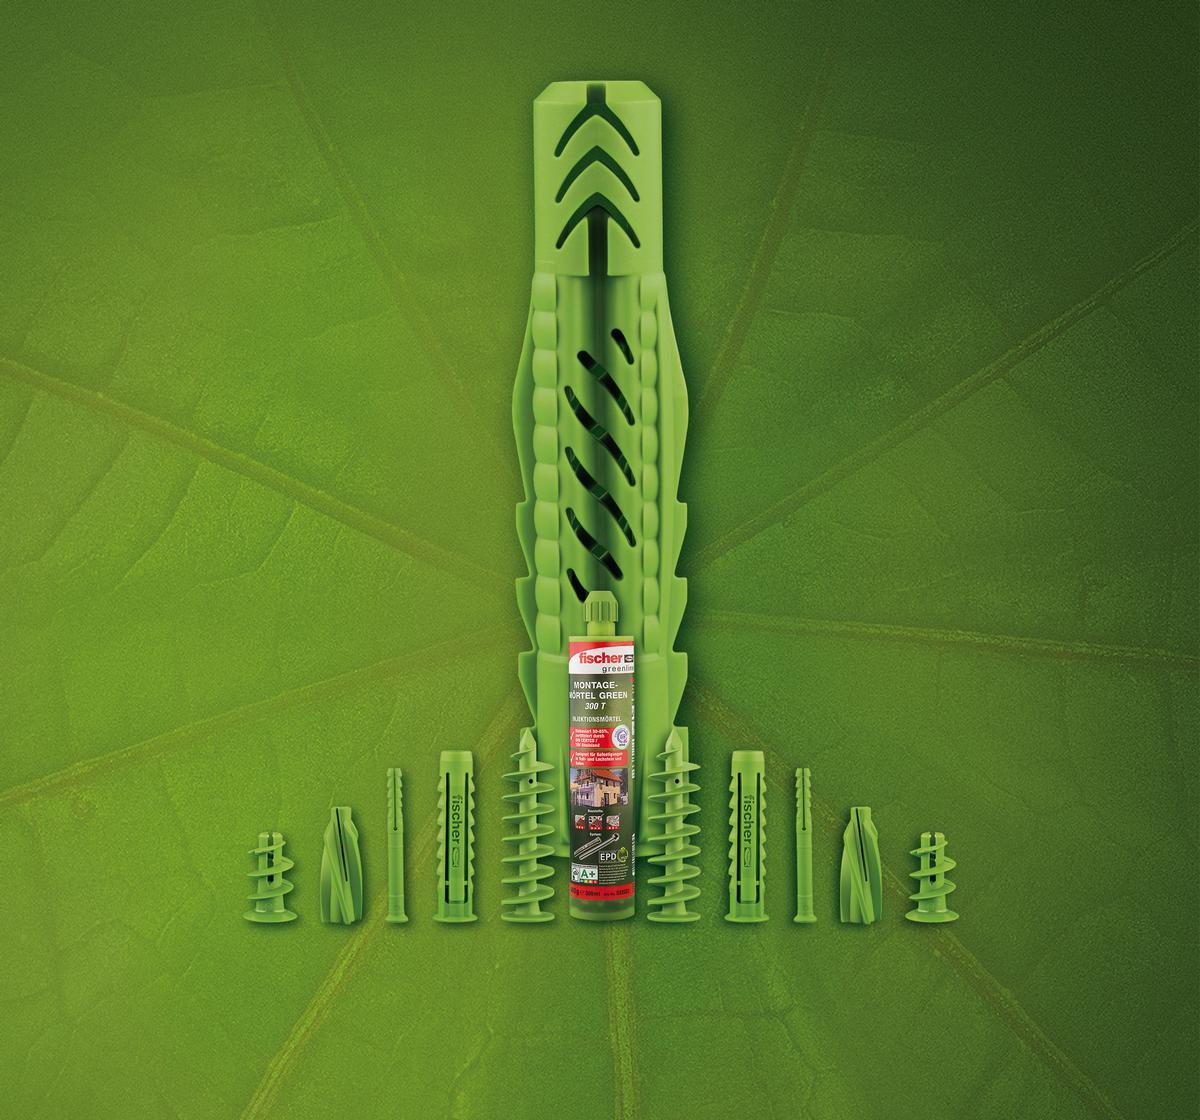 """Zur Sortimentseinführung """"greenline"""" bietet fischer sechs bewährte Dübeltypen als grüne Alternativen an: den Universaldübel UX GREEN, den Spreizdübel SX GREEN, den Gipskartondübel GK GREEN, den Nageldübel N GREEN, den Porenbetondübel GB GREEN und den Dämmstoffdübel FID GREEN."""